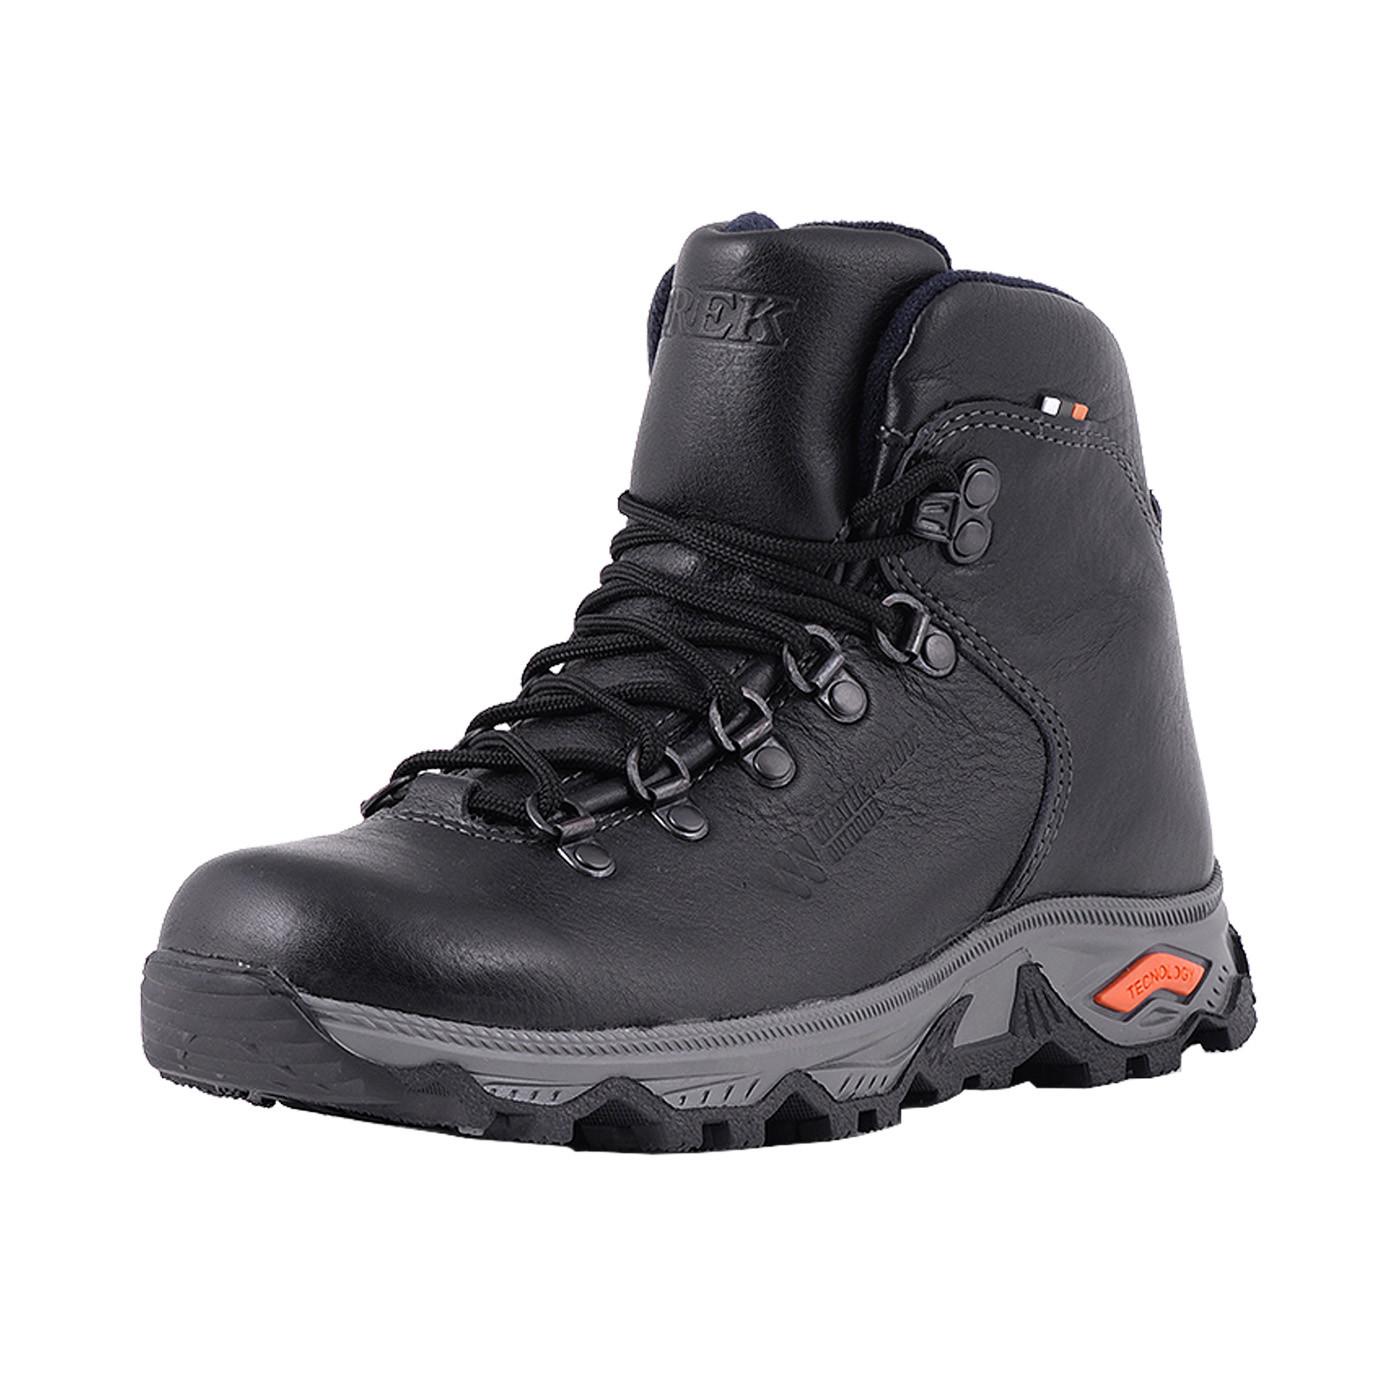 80cafabf Ботинки мужские TREK Hiking18 (капровелюр), производитель Обувная ...